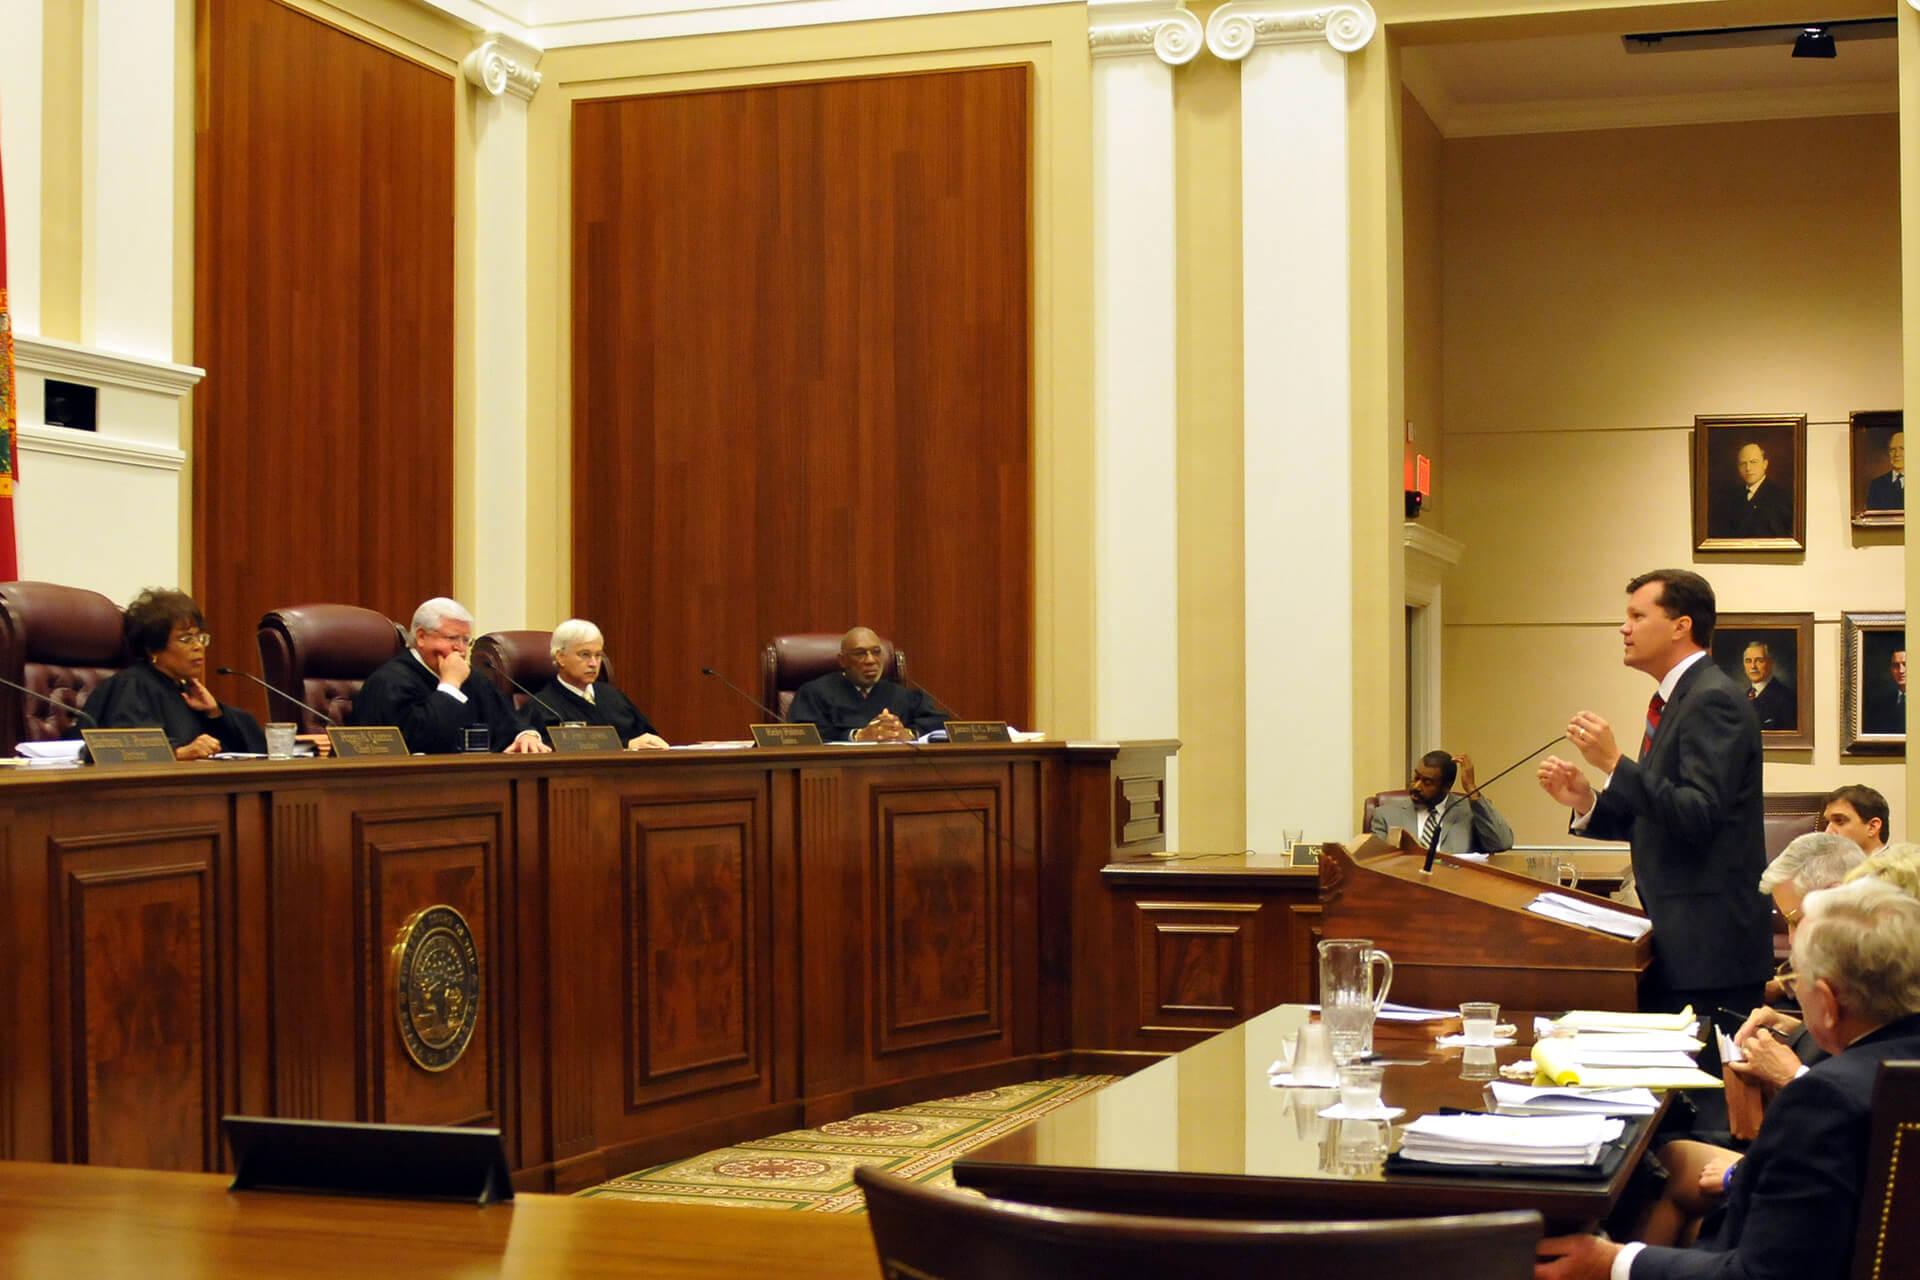 Thẩm phán chuyển đơn khởi kiện